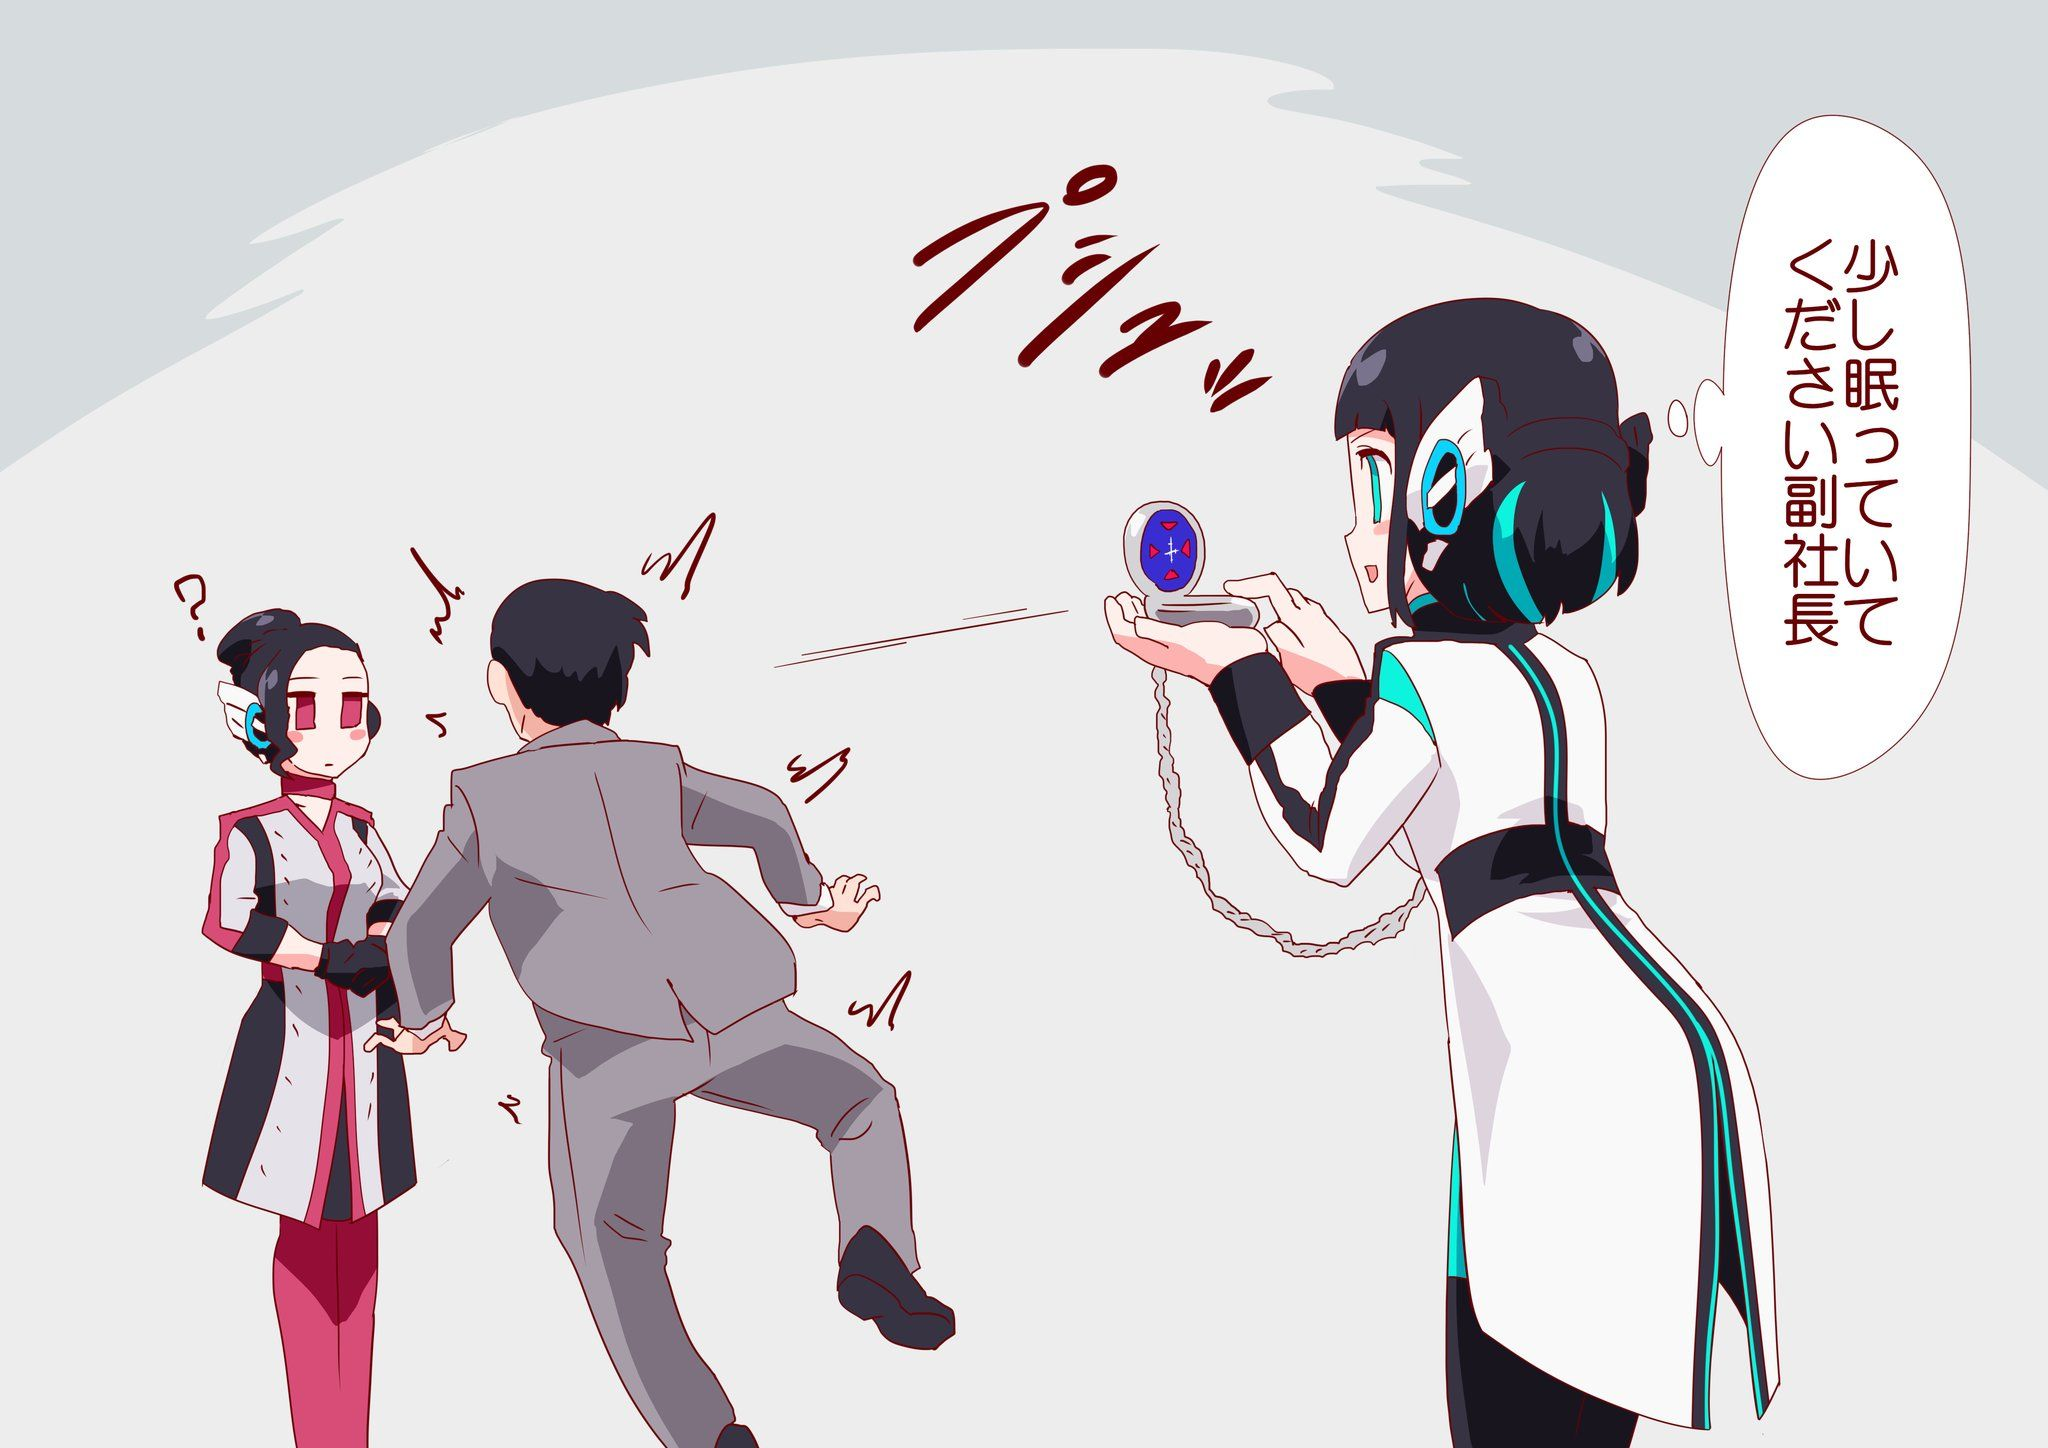 twitter 仮面ライダーw 仮面ライダー イラスト 仮面ライダー